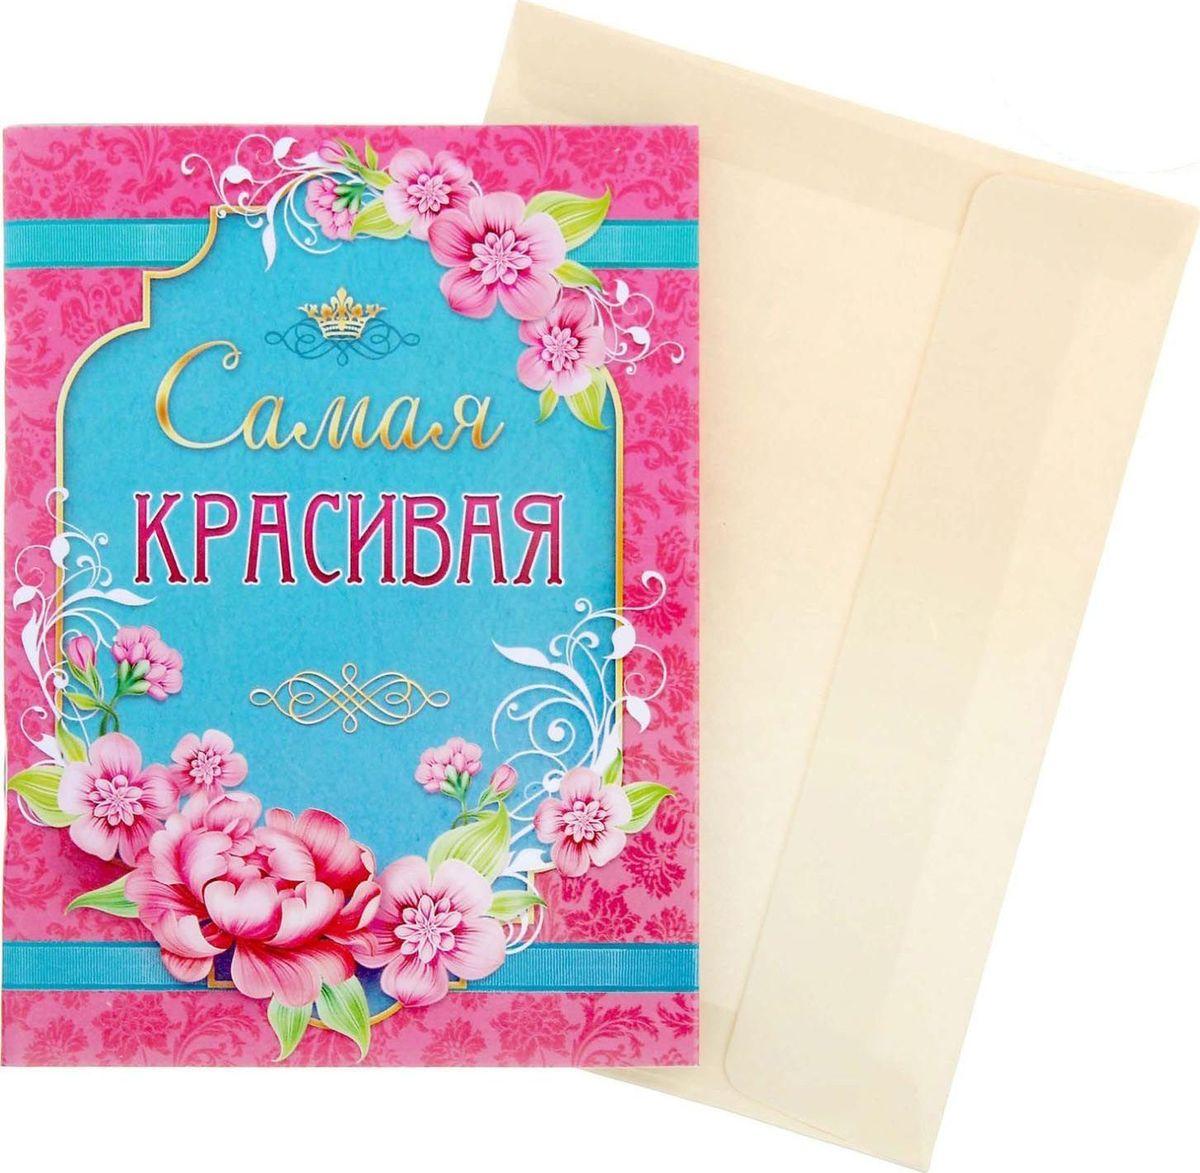 Блокнот-открытка Самая красивая 32 листа743823Блокнот-открытка Самая красивая, 32 листа сочетает в себе красоту и практичность. Он содержит приятные пожелания от близких людей, а 32 дизайнерских листа с бархатной фактурой подарят отличное настроение владельцу. В отличие от обычной открытки, которая будет пылиться в шкафу, блокнотом приятно пользоваться! Изделие дополнено универсальным конвертом, подпишите его и вручите сувенир адресату на любой праздник.